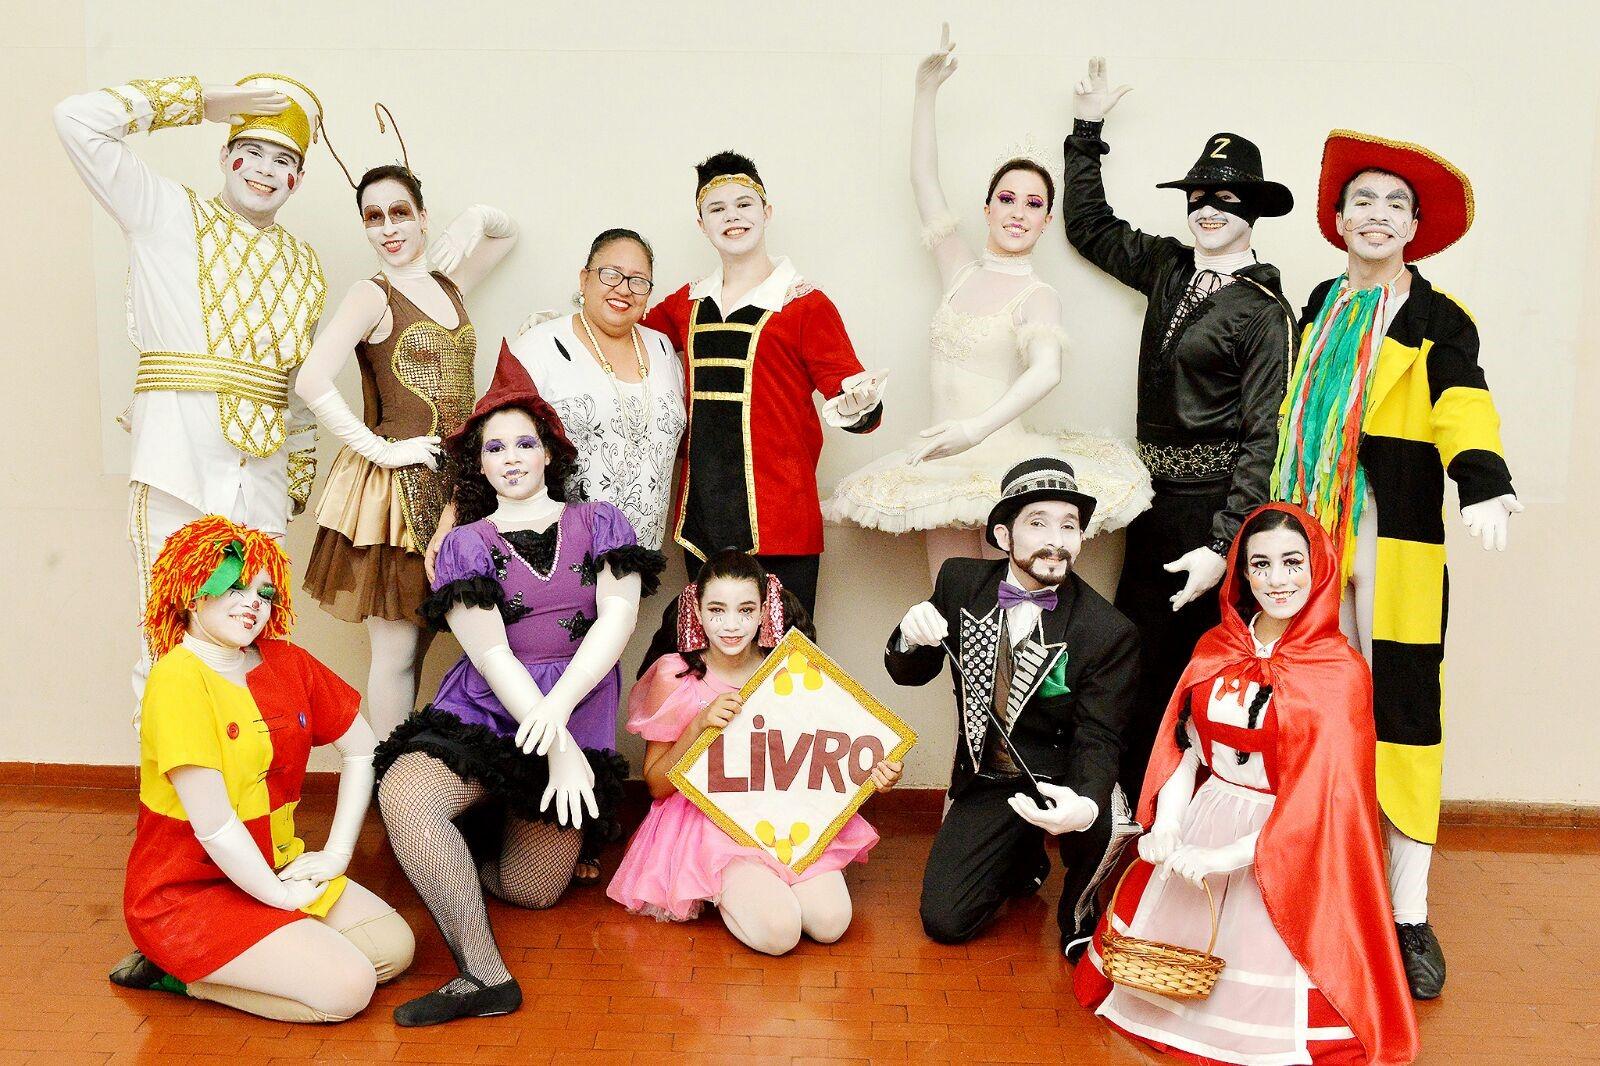 Teatro SESI apresenta 'Teatro para Todos' com 9 apresentações cênicas nesta semana